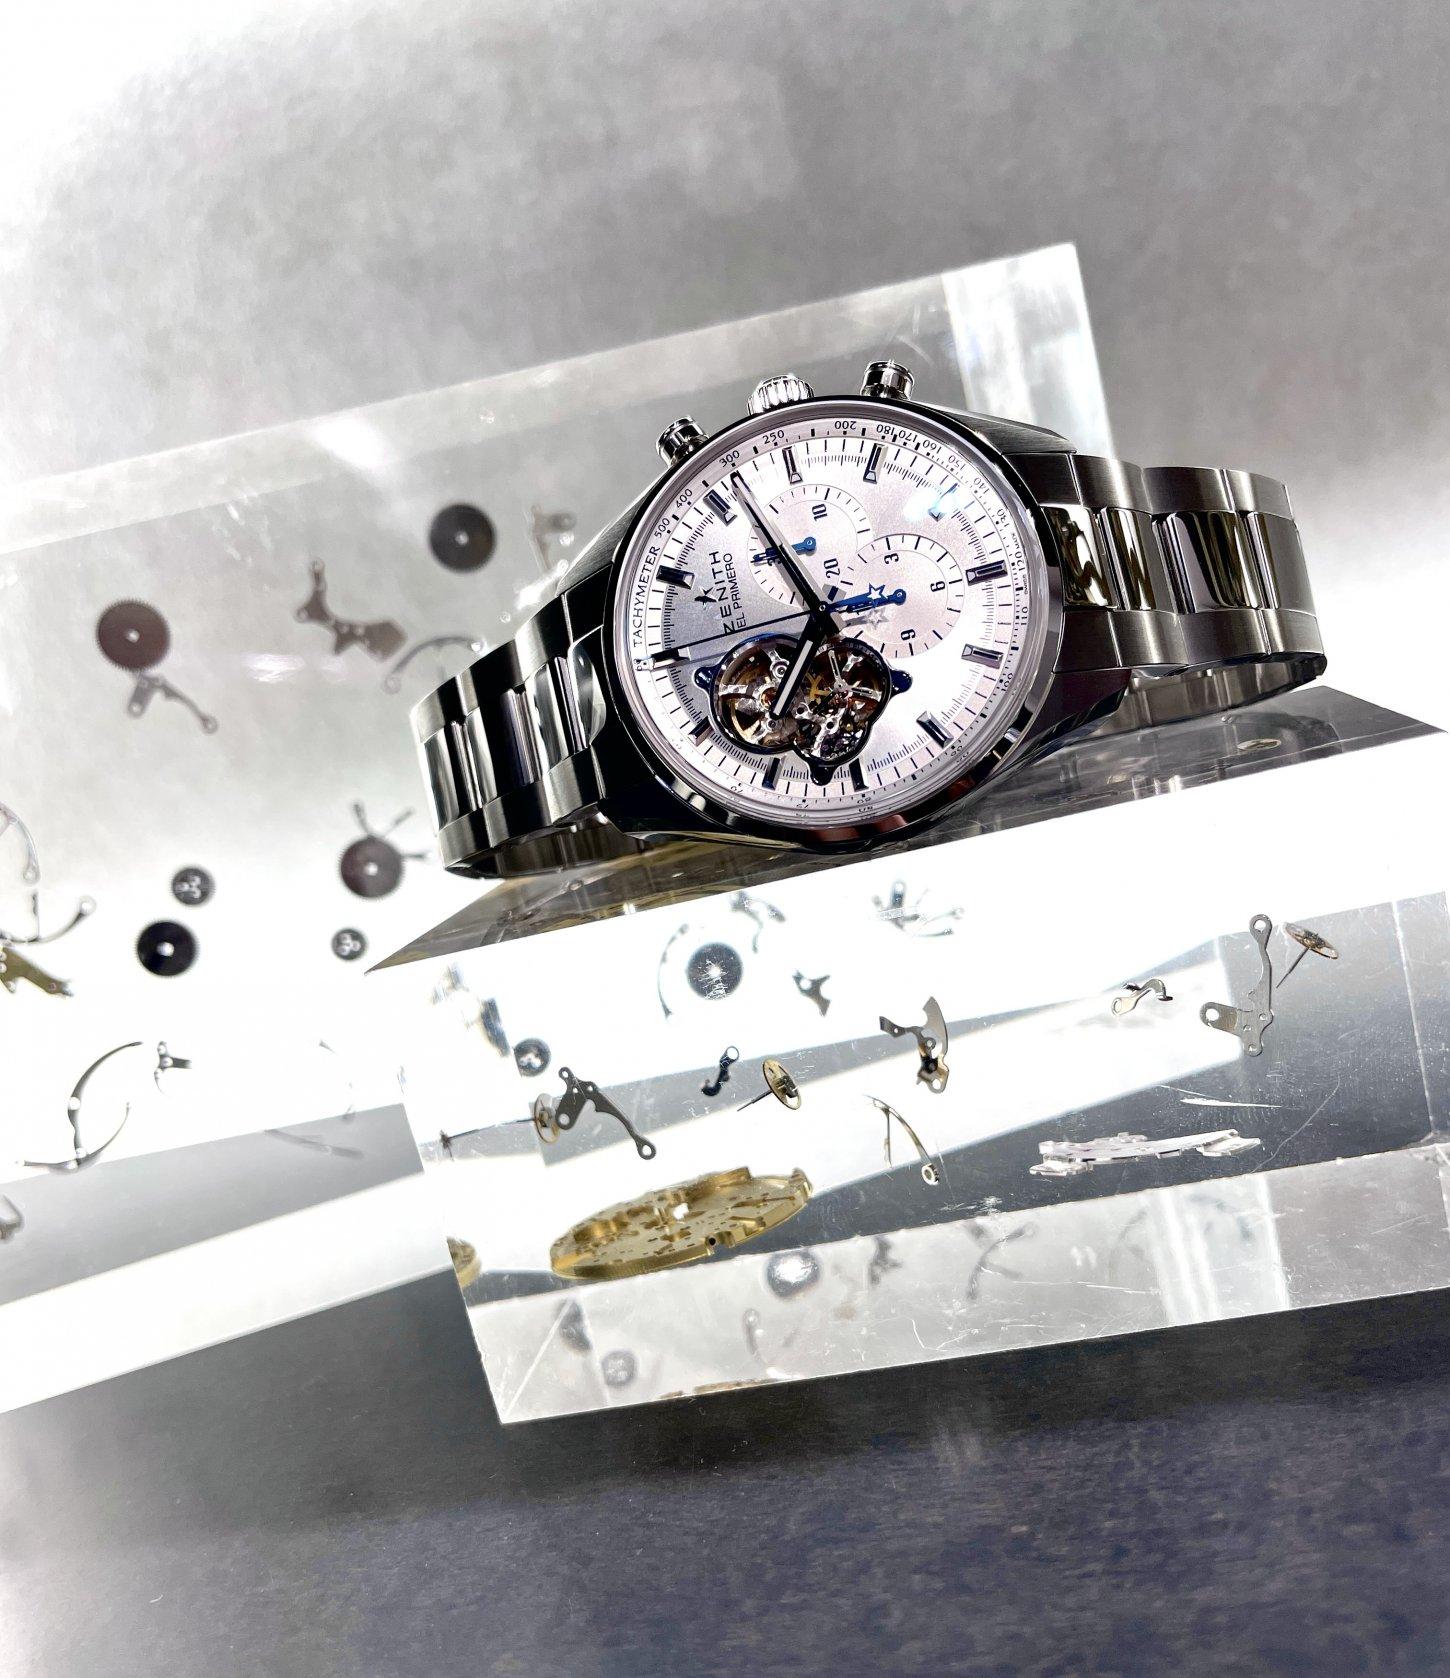 IMG_5455 美しいシルバーダイヤルが洗練された印象に!『クロノマスター エル・プリメロ オープン』 - CHRONOMASTER